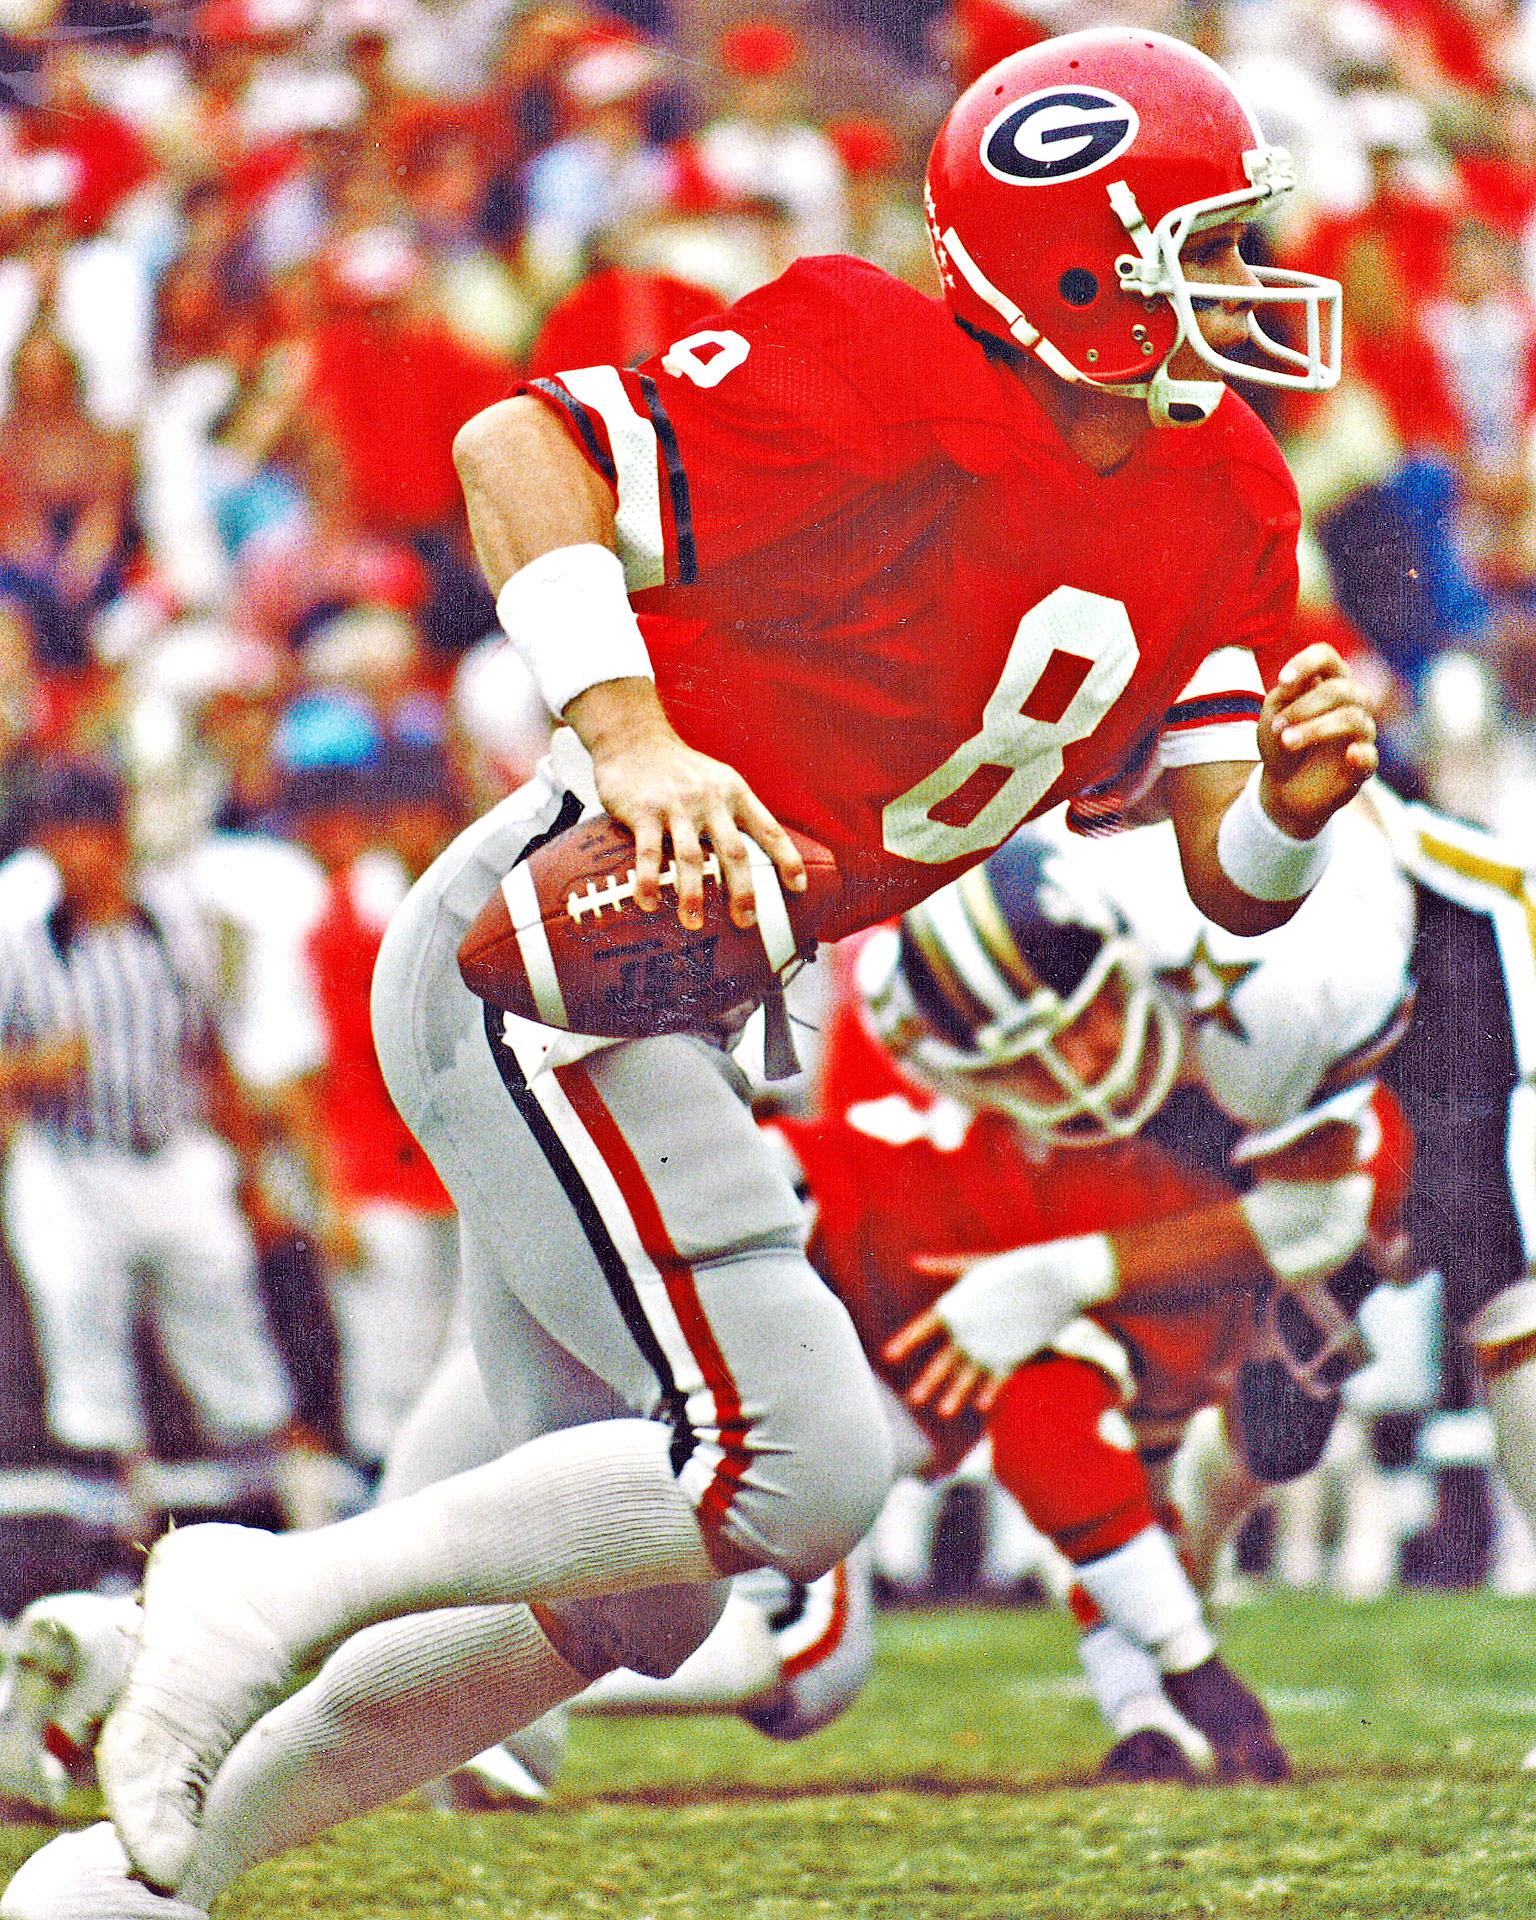 1980 Georgia home red - Georgia uniforms through the years ...